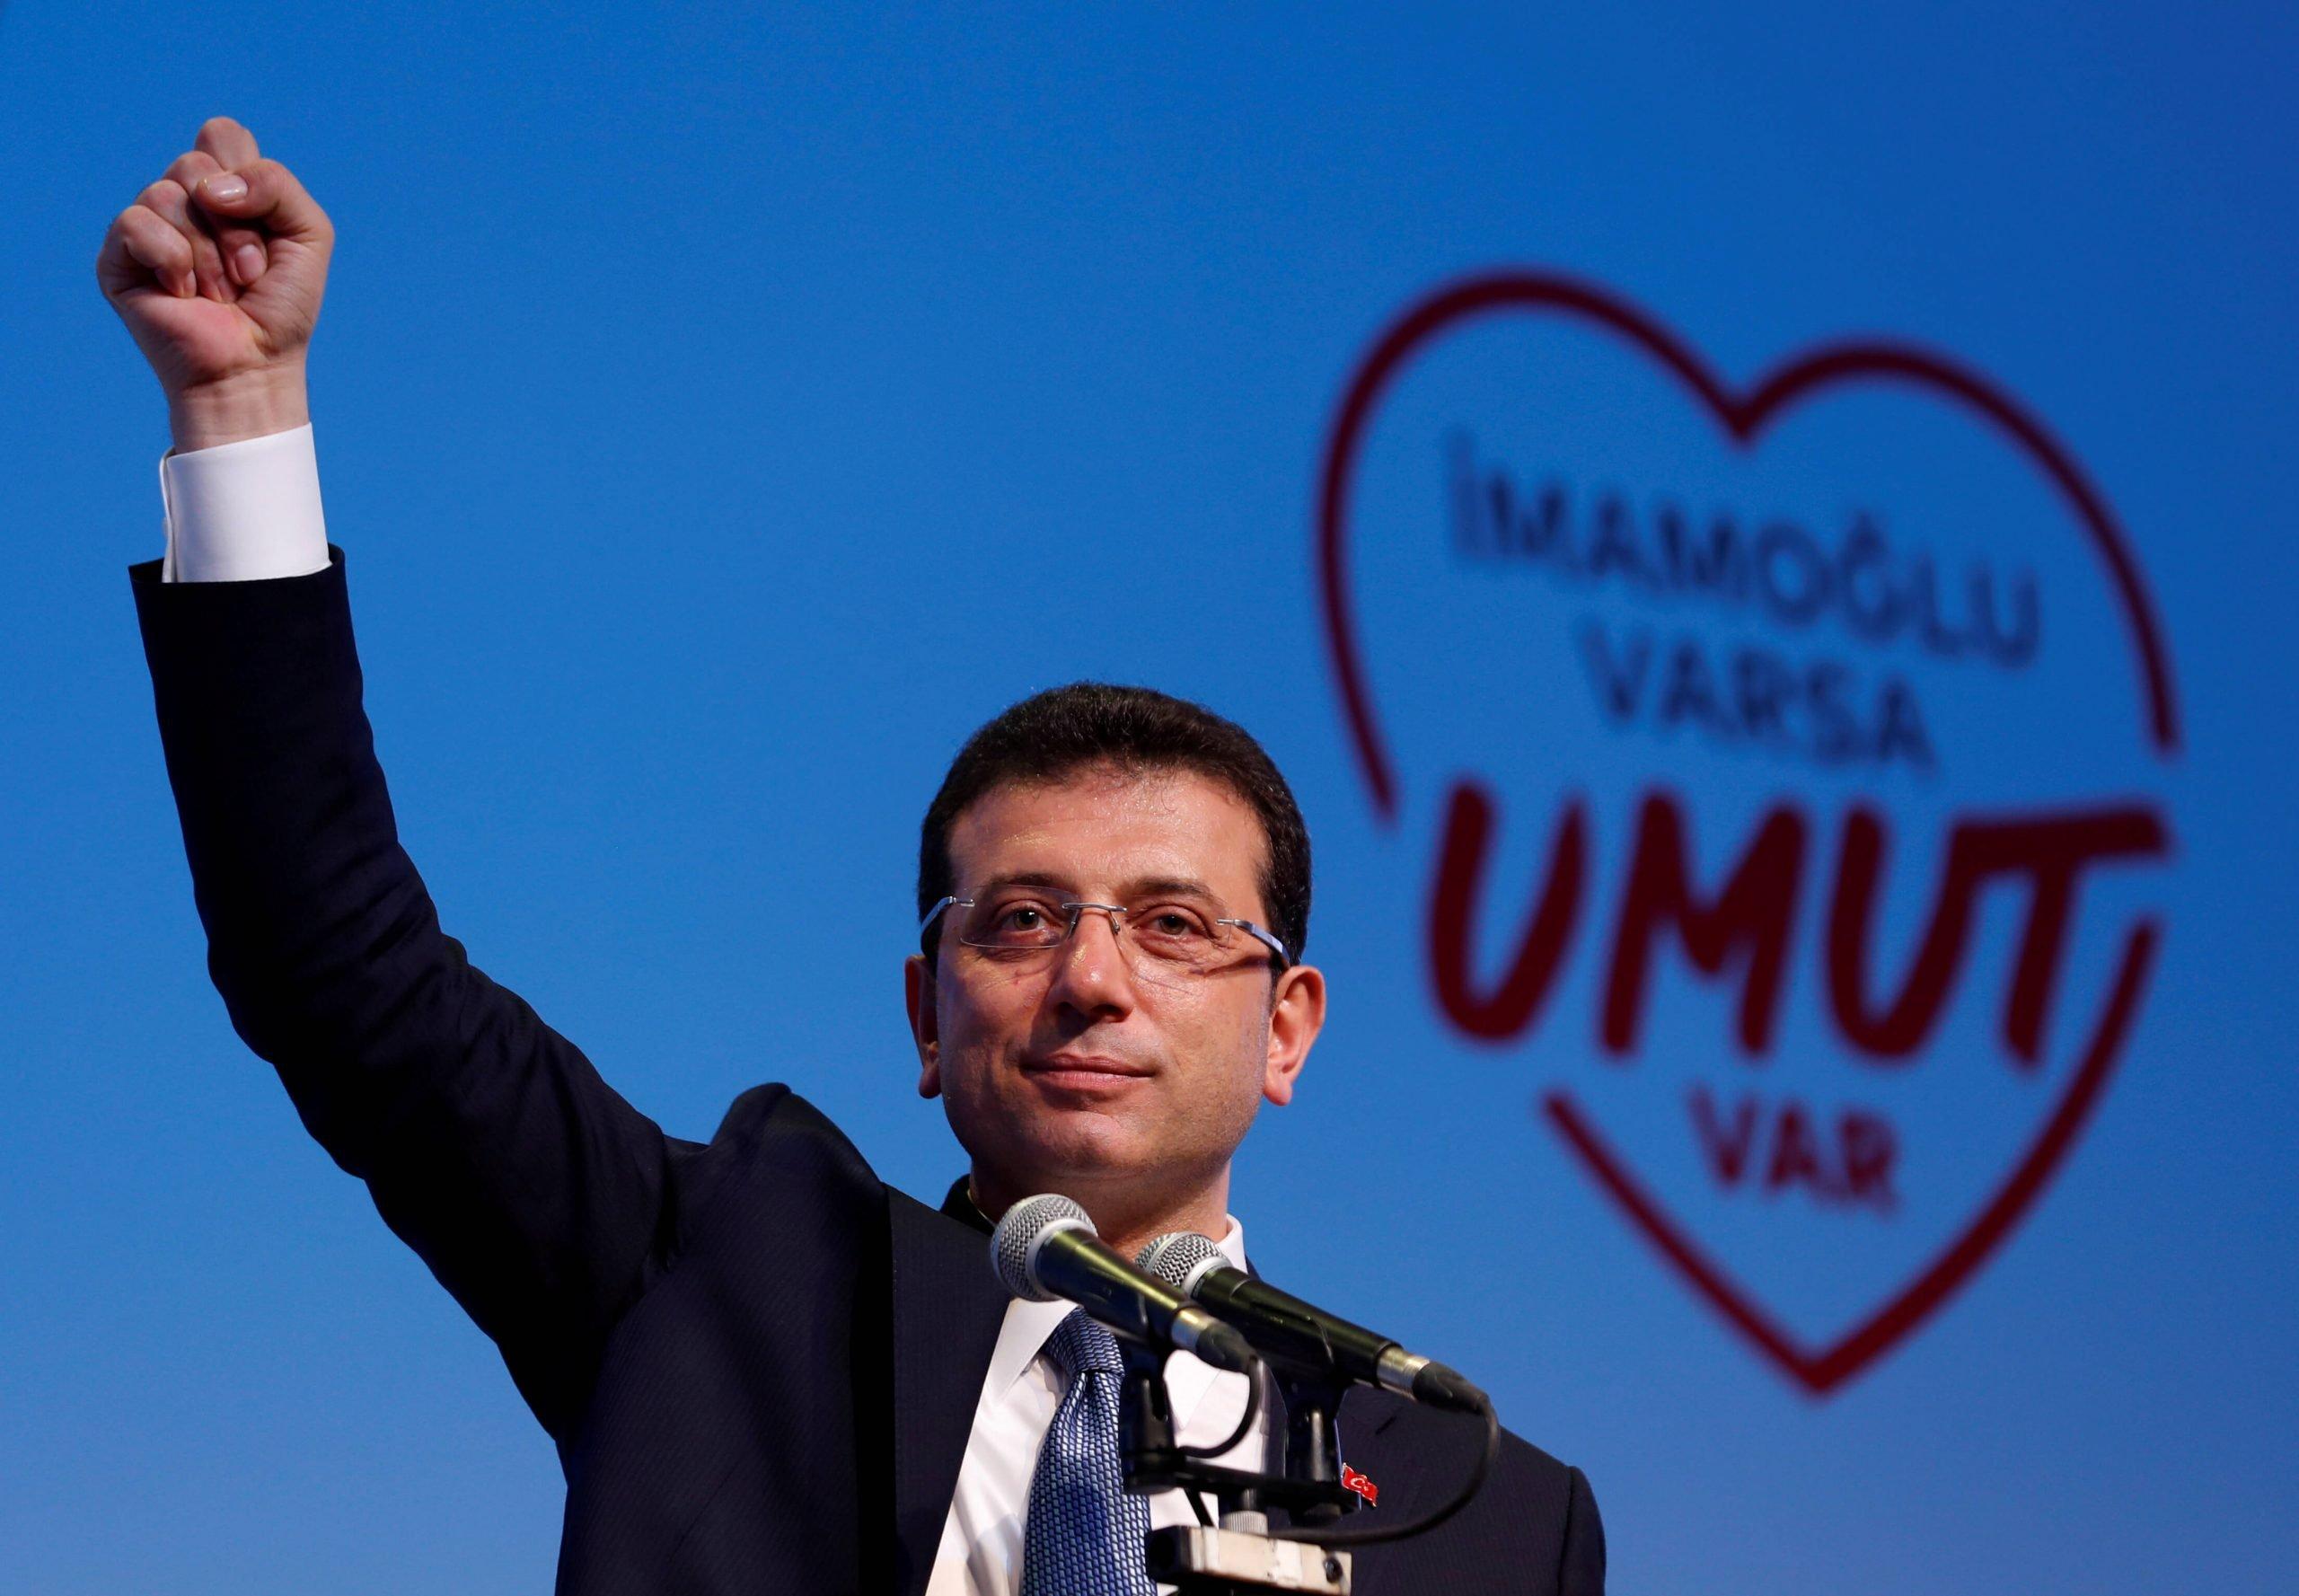 Εκρέμ Ιμάμογλου: Ο άνθρωπος που «νίκησε» τον Ερντογάν, στην Αθήνα